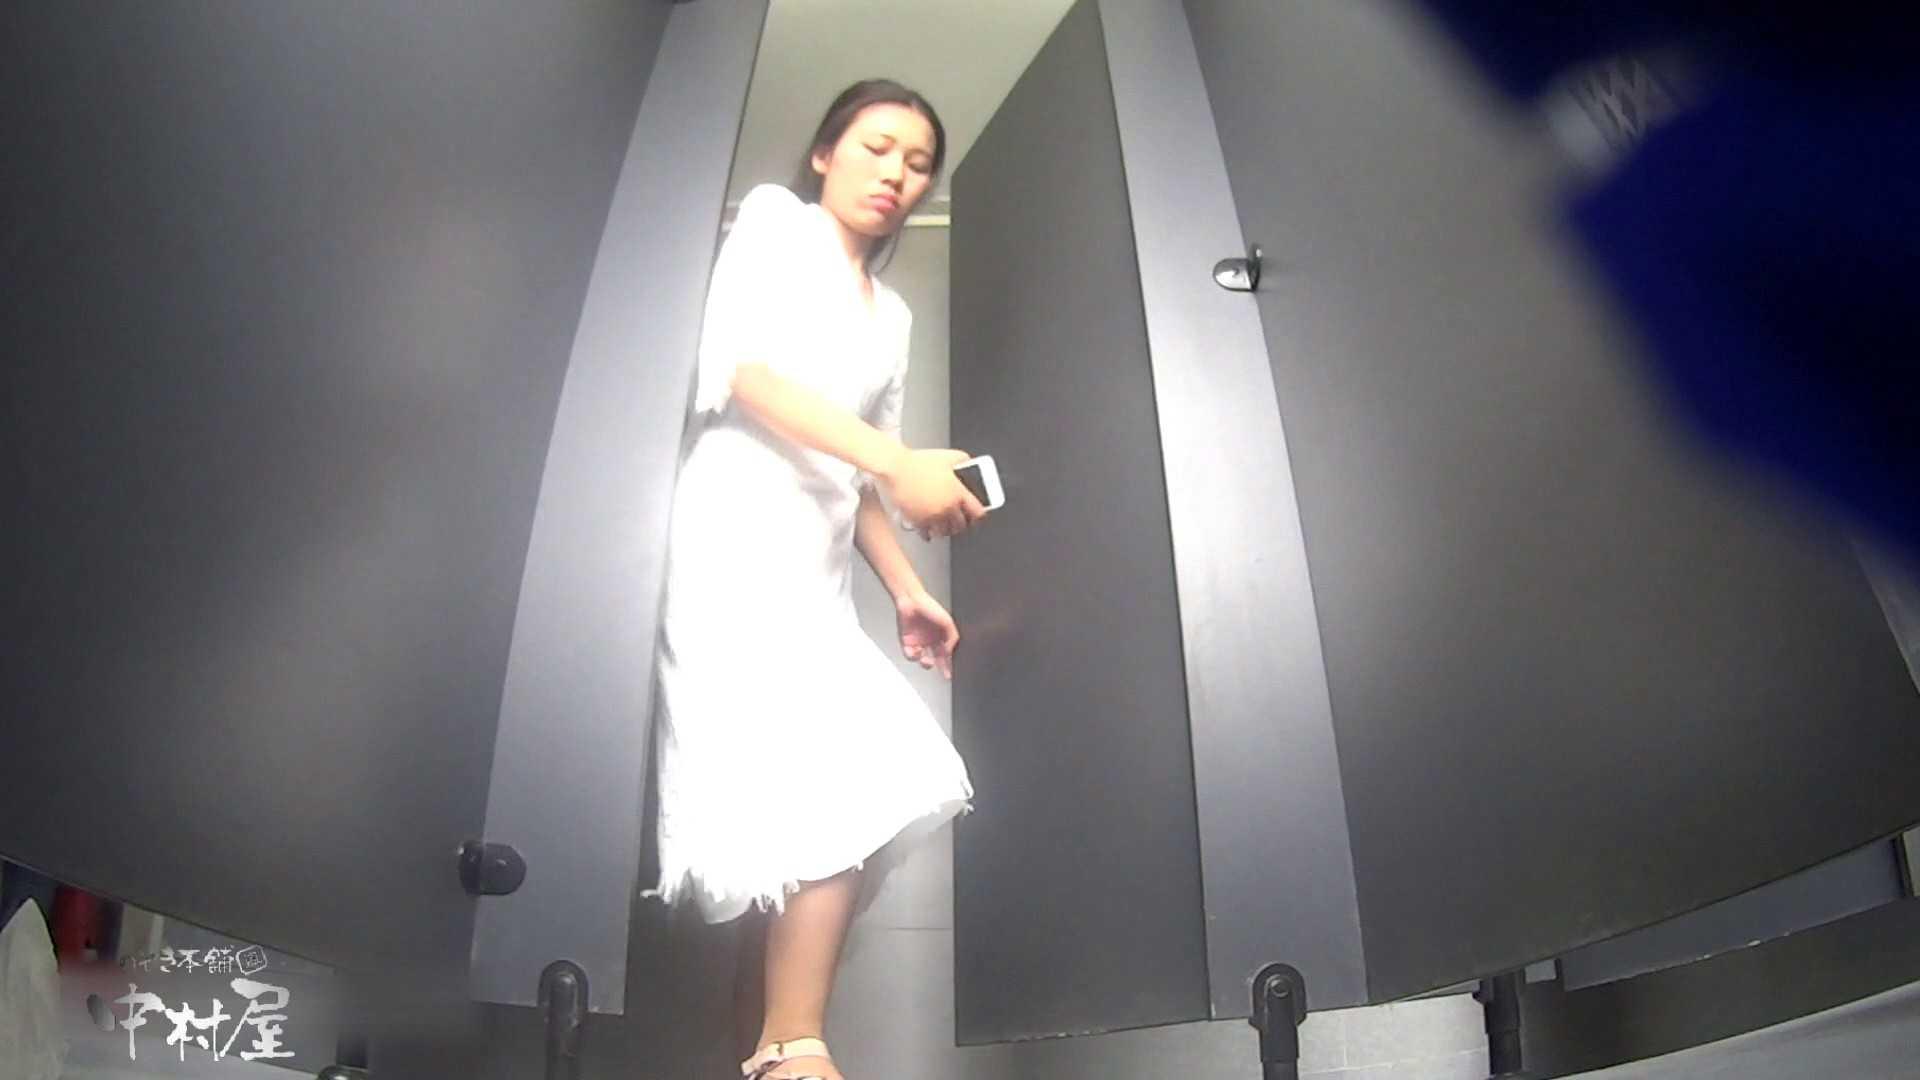 ツンデレお女市さんのトイレ事情 大学休憩時間の洗面所事情32 超エロお姉さん  90枚 50